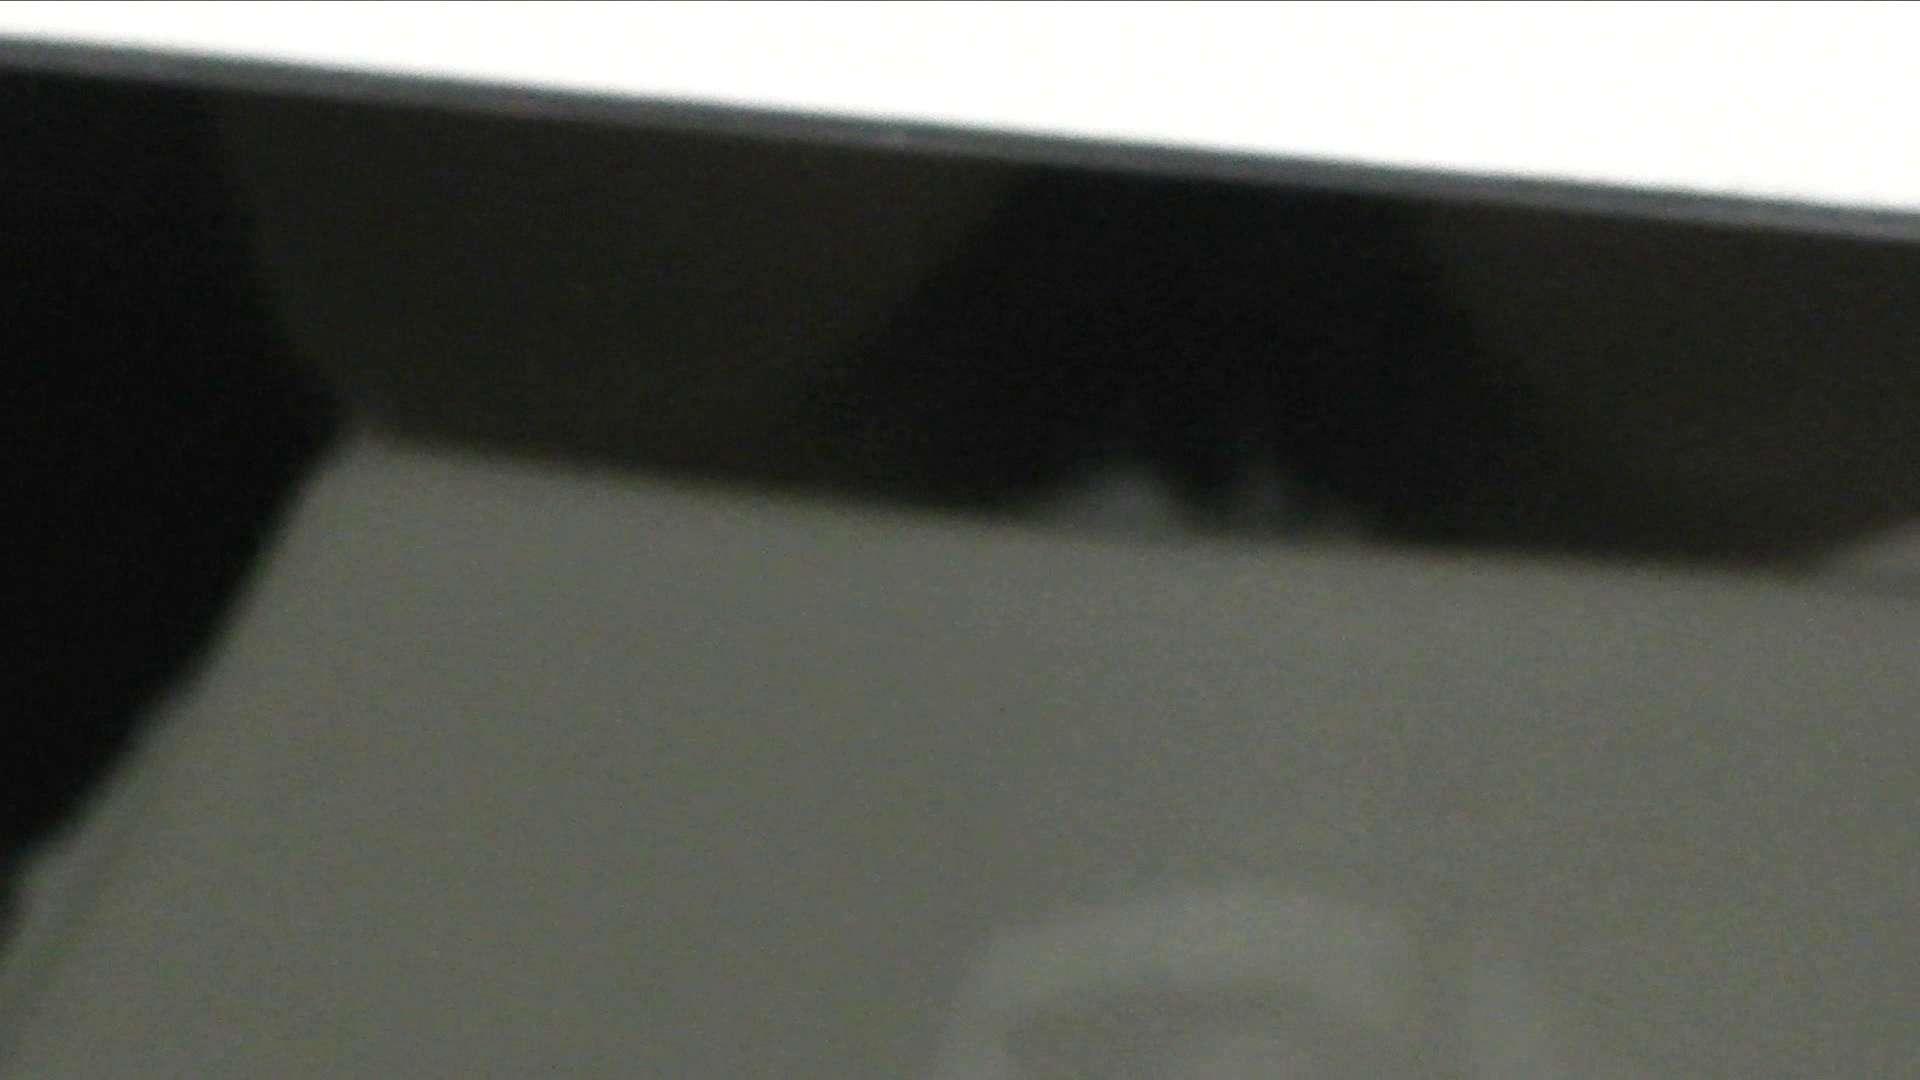 お市さんの「お尻丸出しジャンボリー」No.02 トイレ流出 すけべAV動画紹介 42連発 19